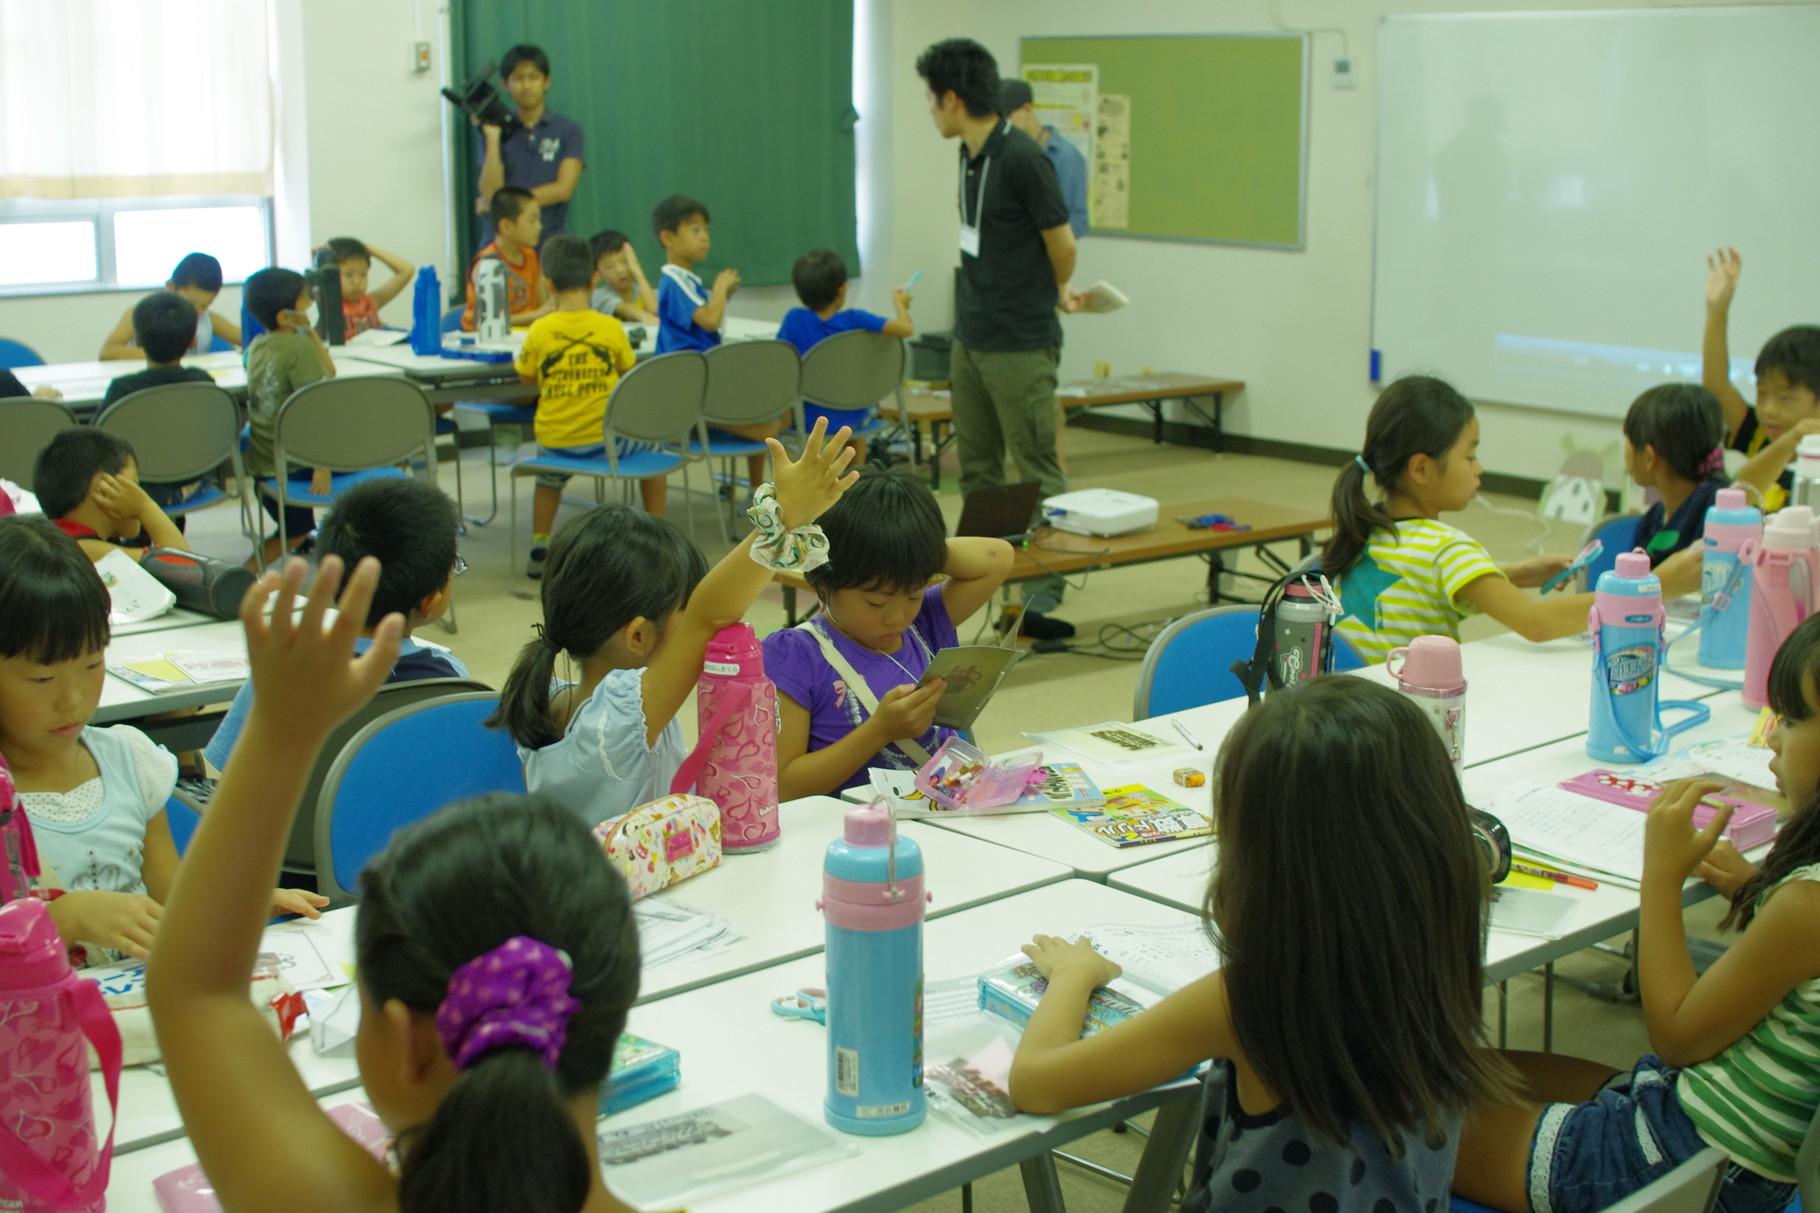 こんな教室見たくありませんか?楽しみながら勉強し、みんなが教え合い学び合う!